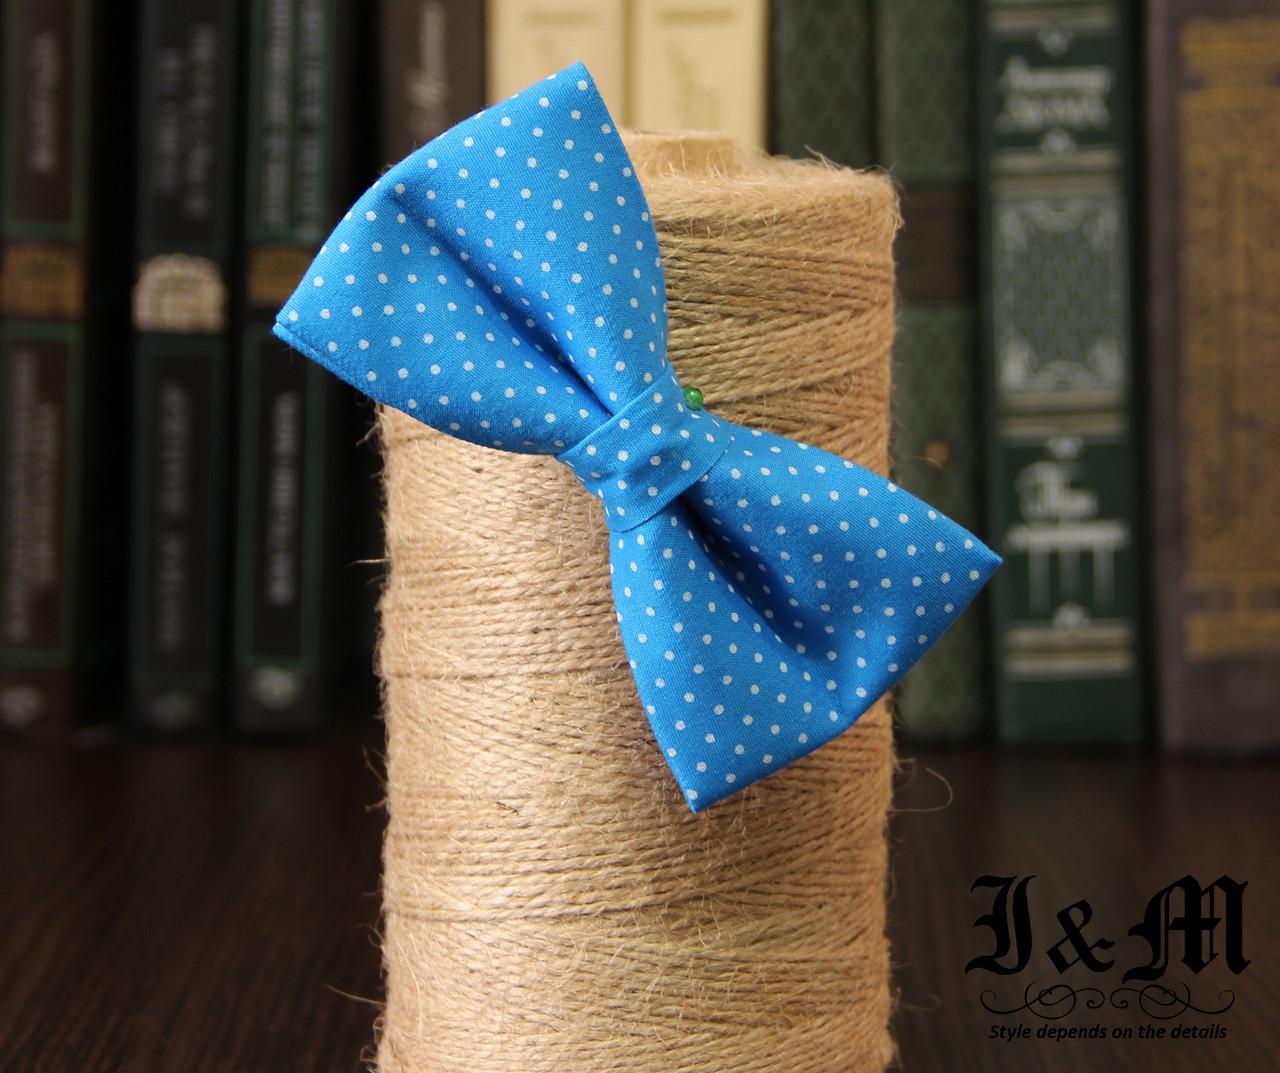 Галстук-бабочка I&M Craft голубой в горошек (010506)